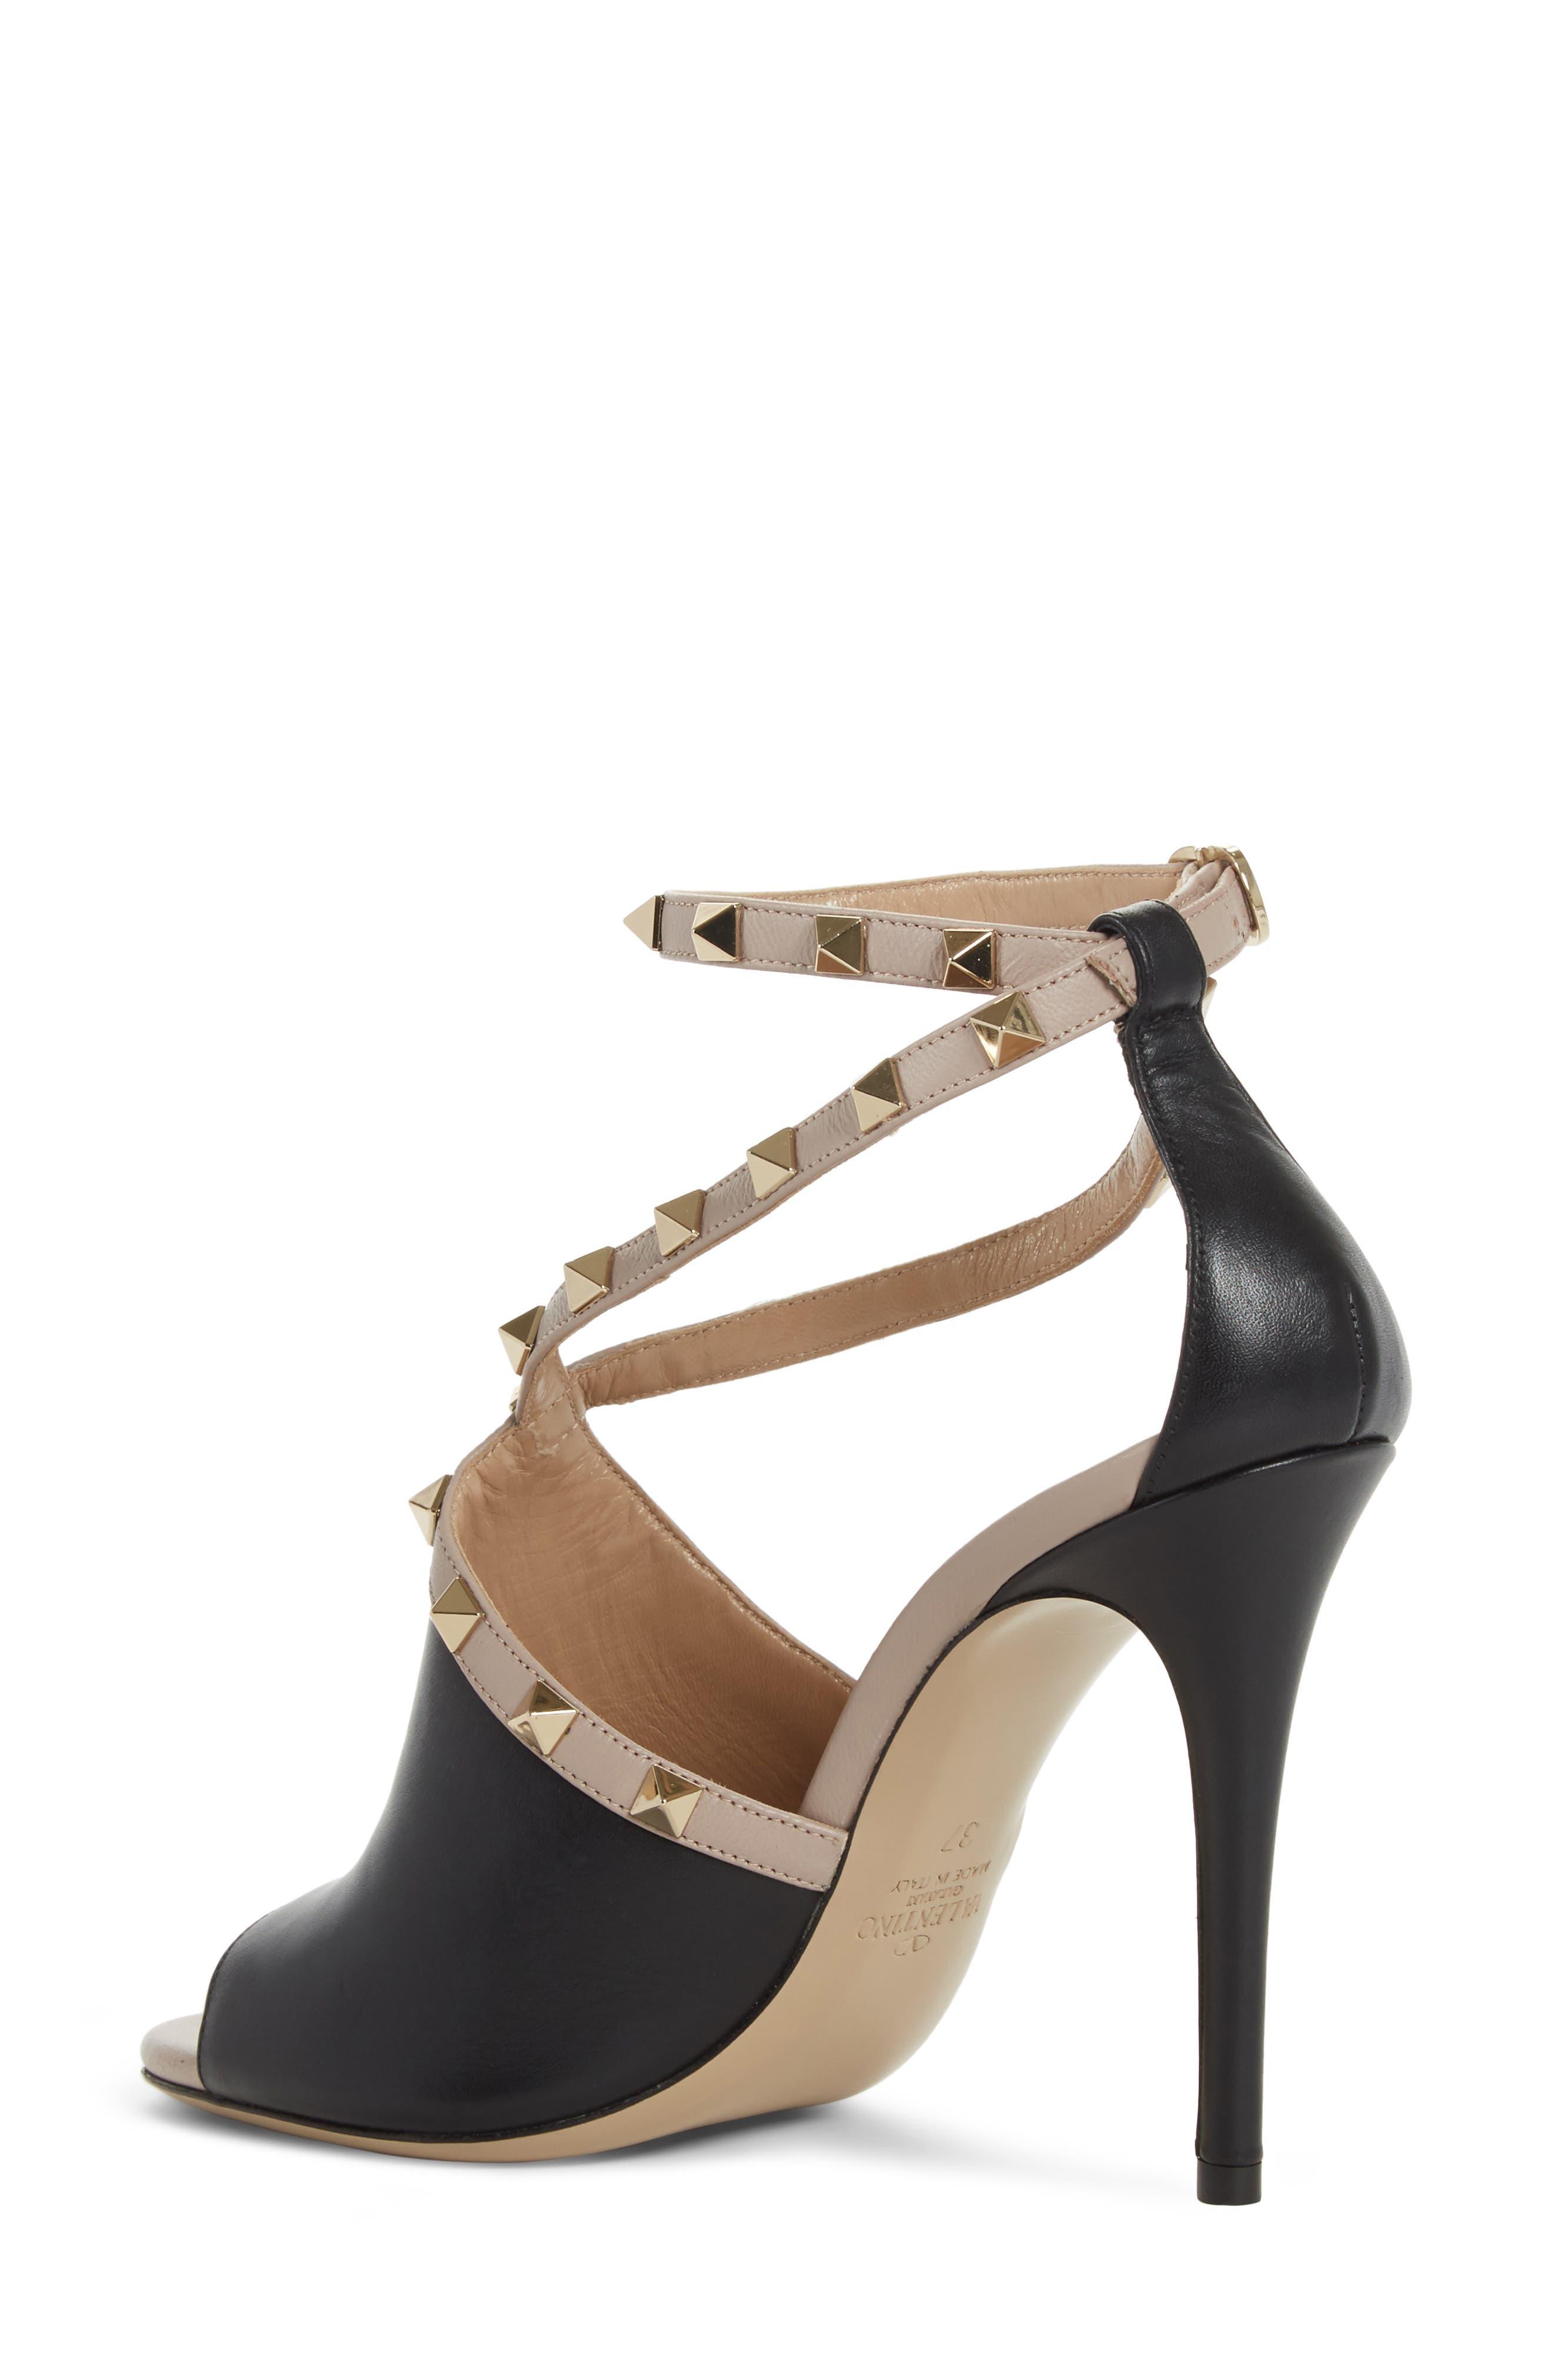 Rockstud Peep Toe Sandal,                             Alternate thumbnail 2, color,                             BLACK/ BEIGE